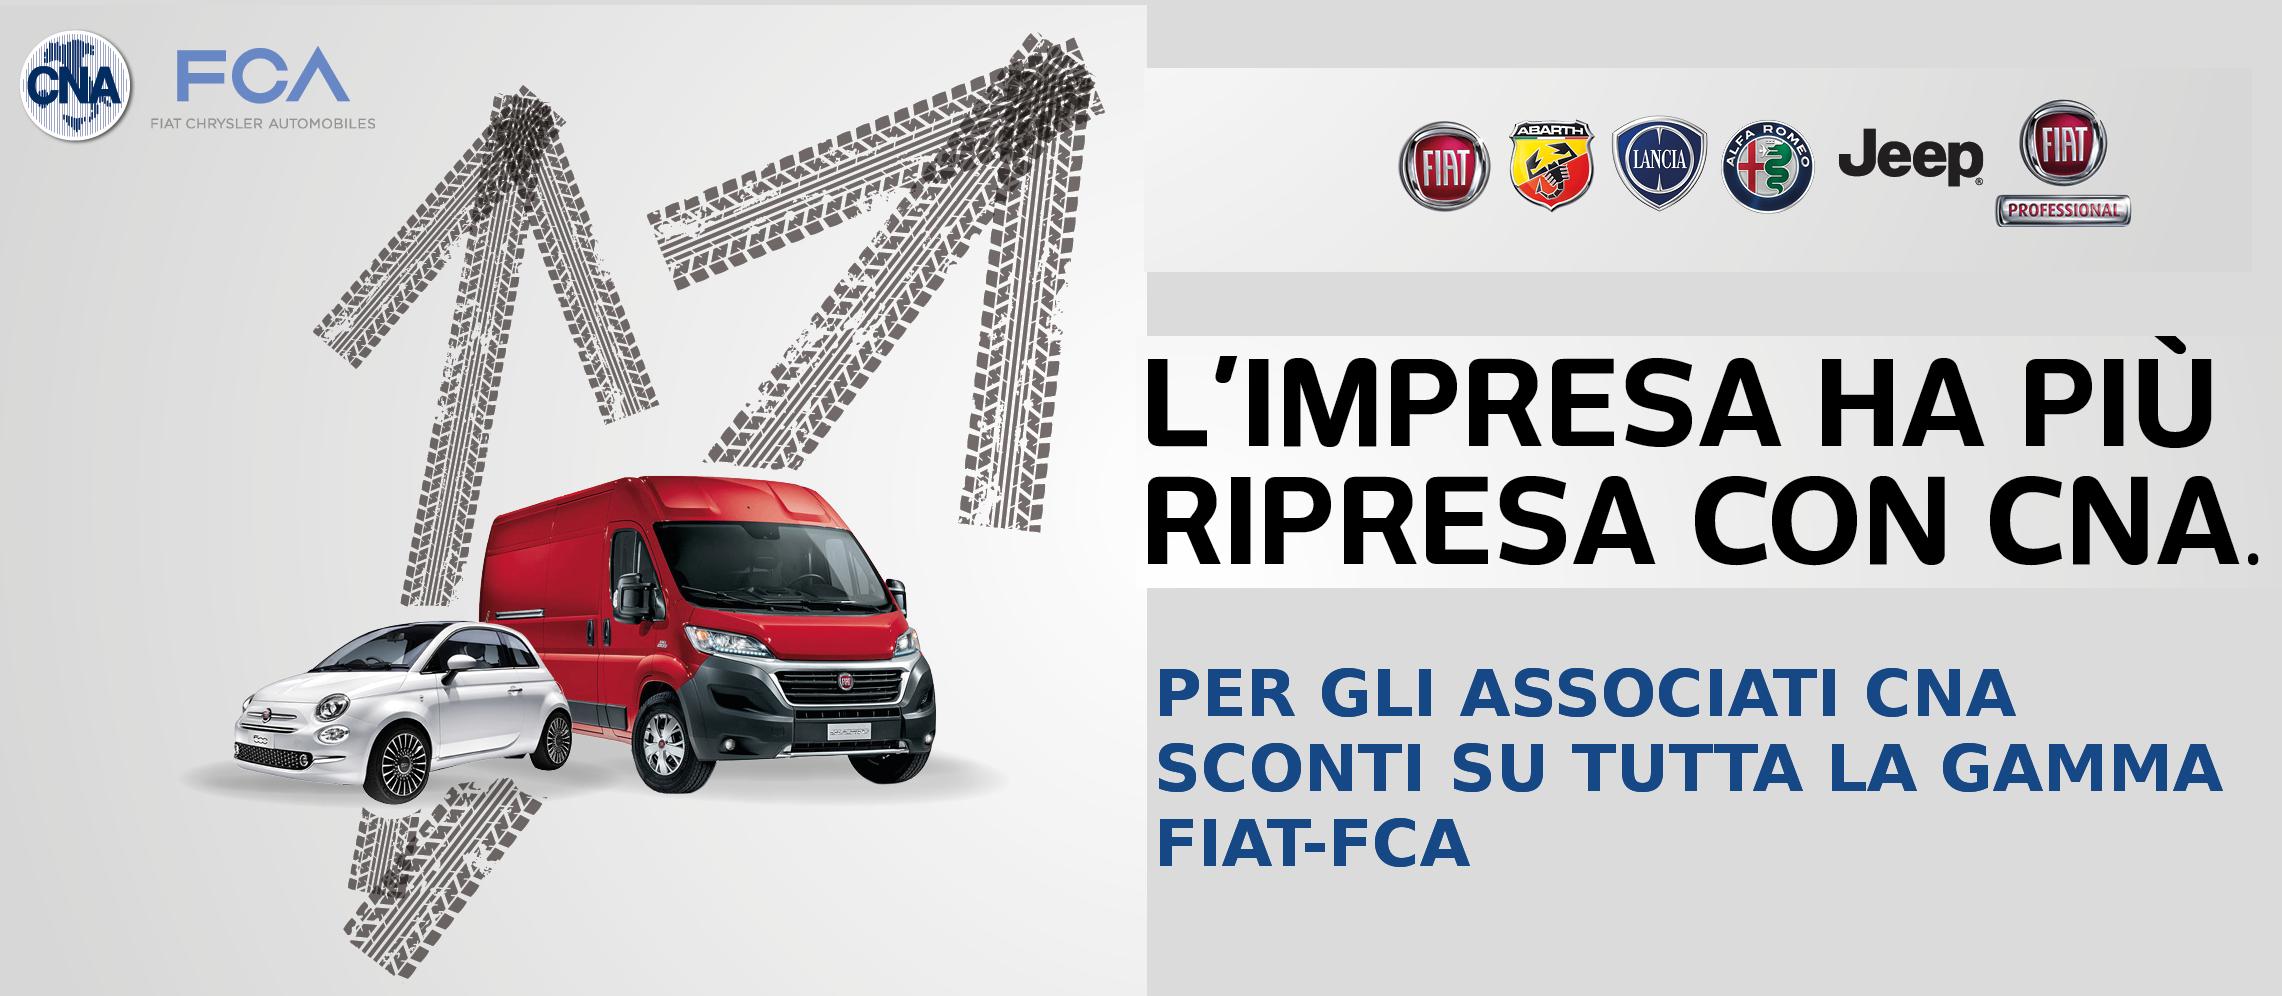 """Featured image for """"Vetture/veicoli commerciali Fiat, Alfa Romeo, Lancia, Jeep, Abarth e Mopar: prezzi scontati per gli associati CNA"""""""